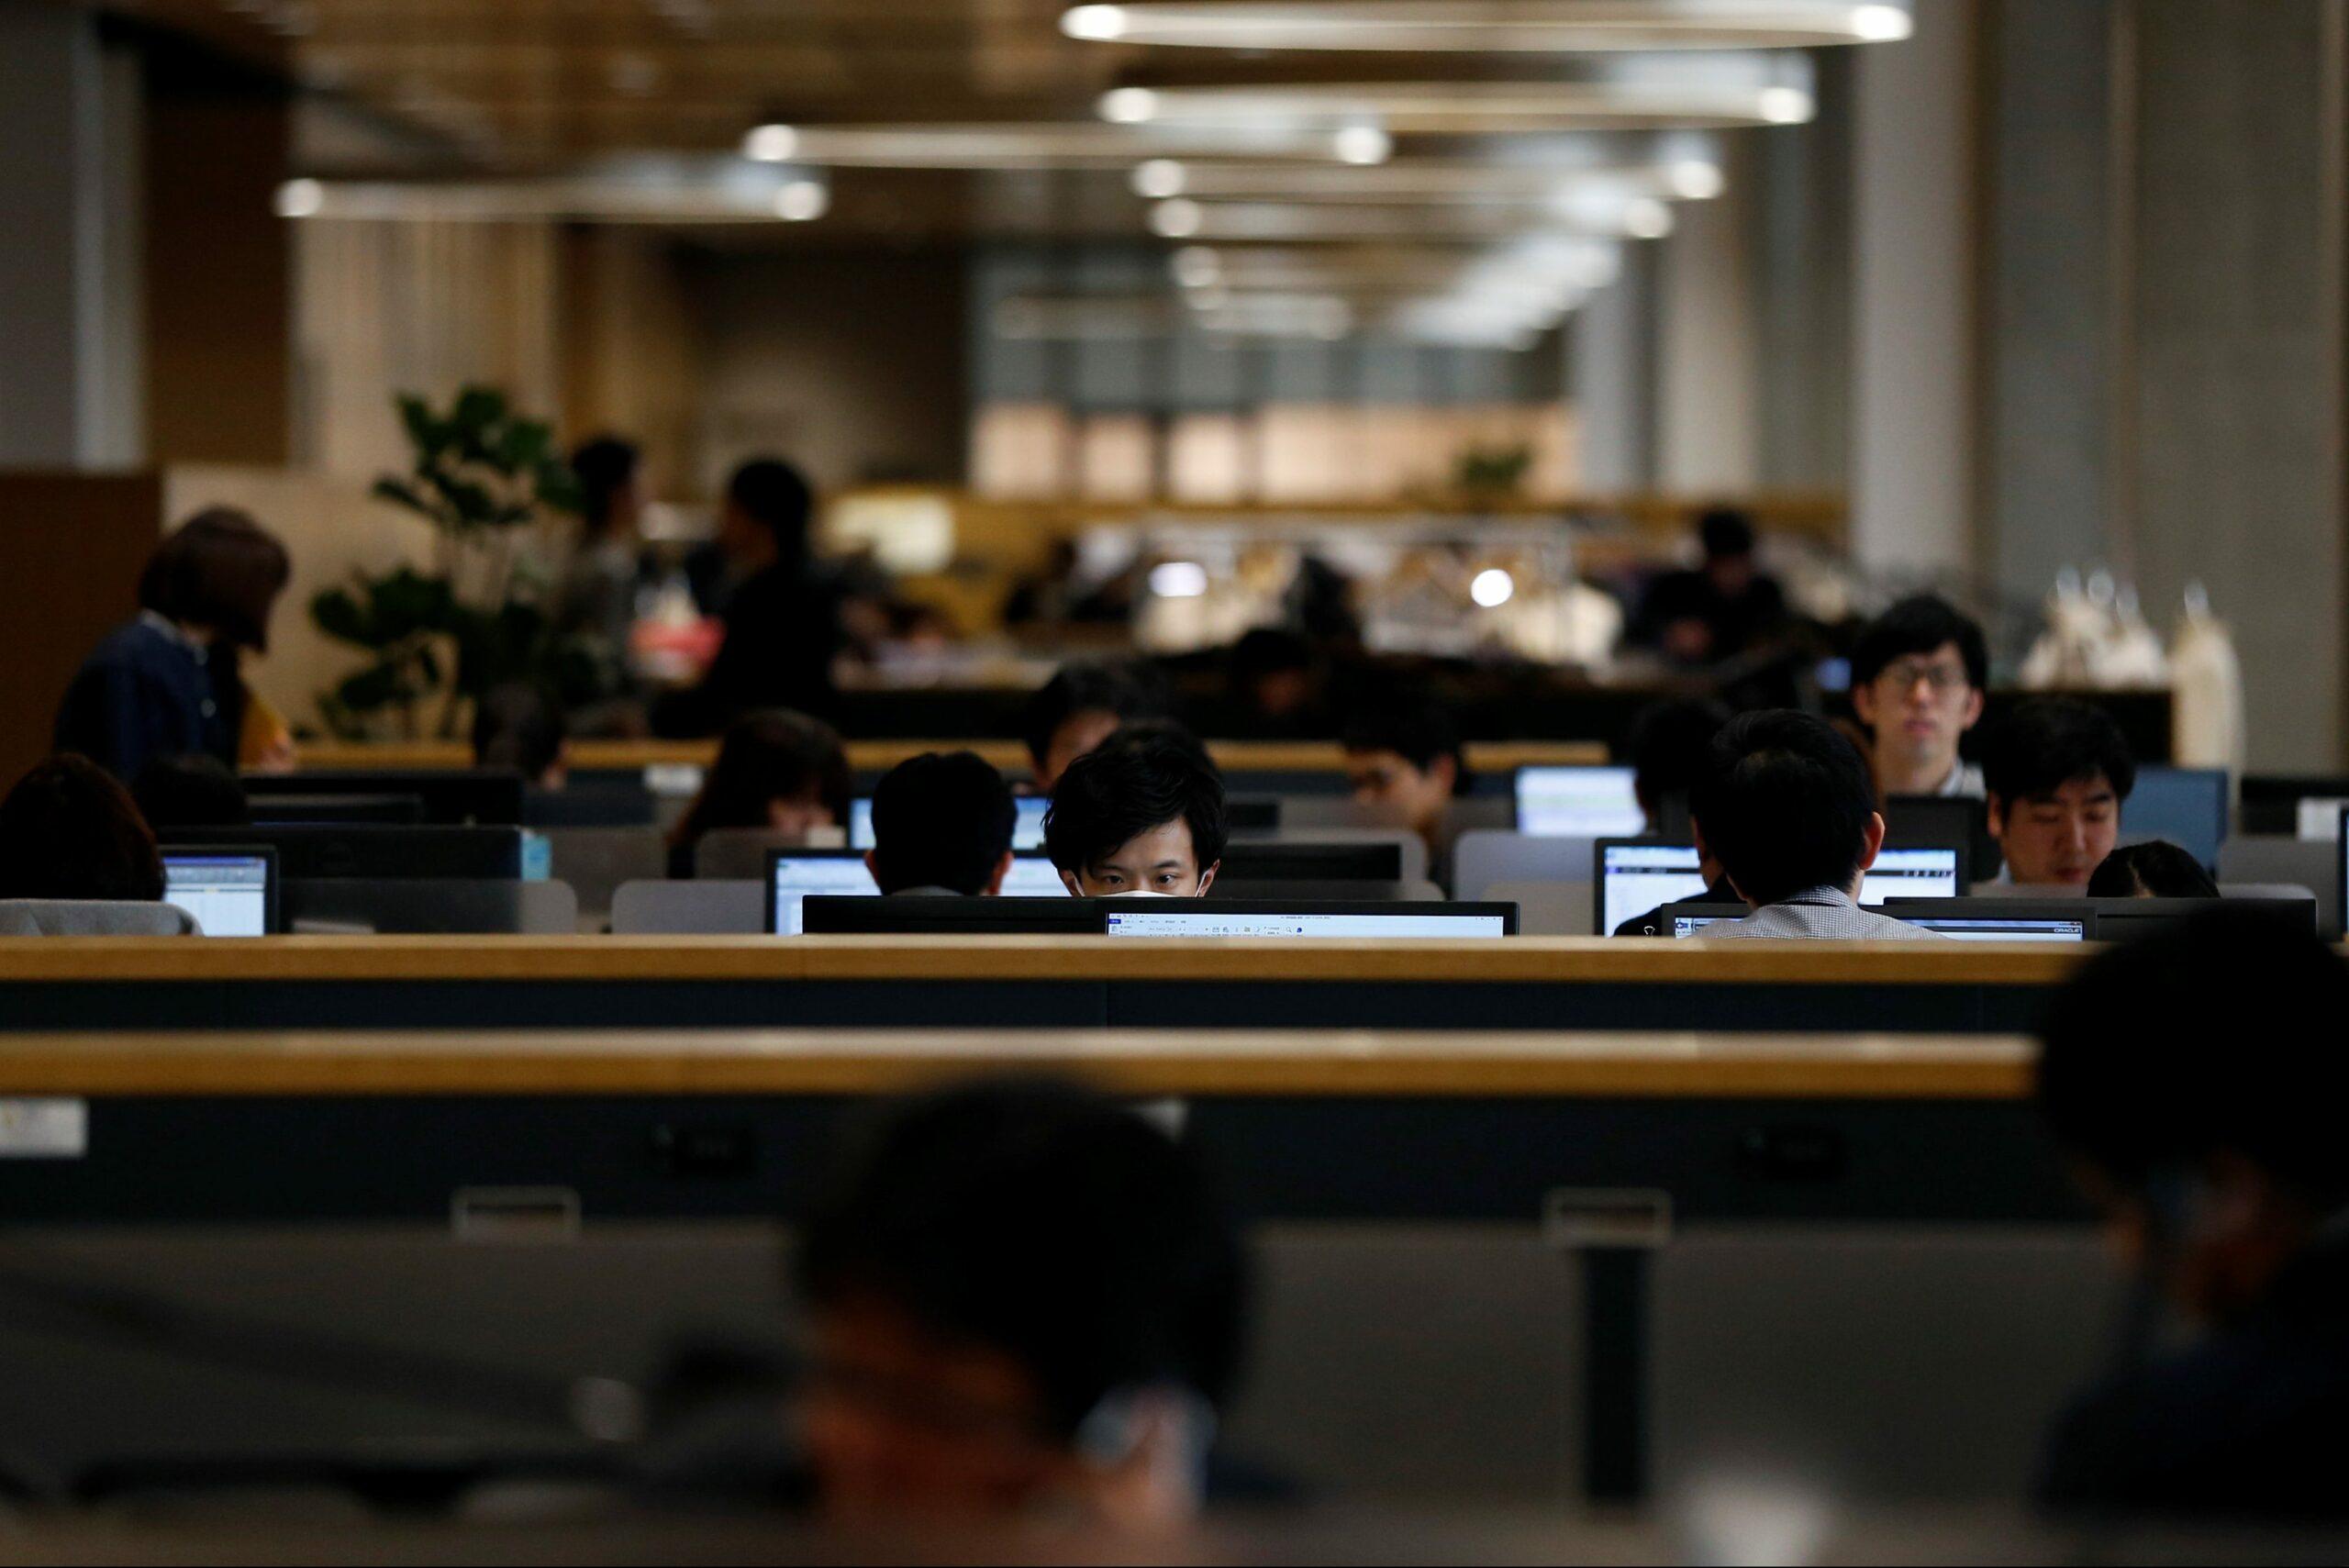 Japoneses no trabalho